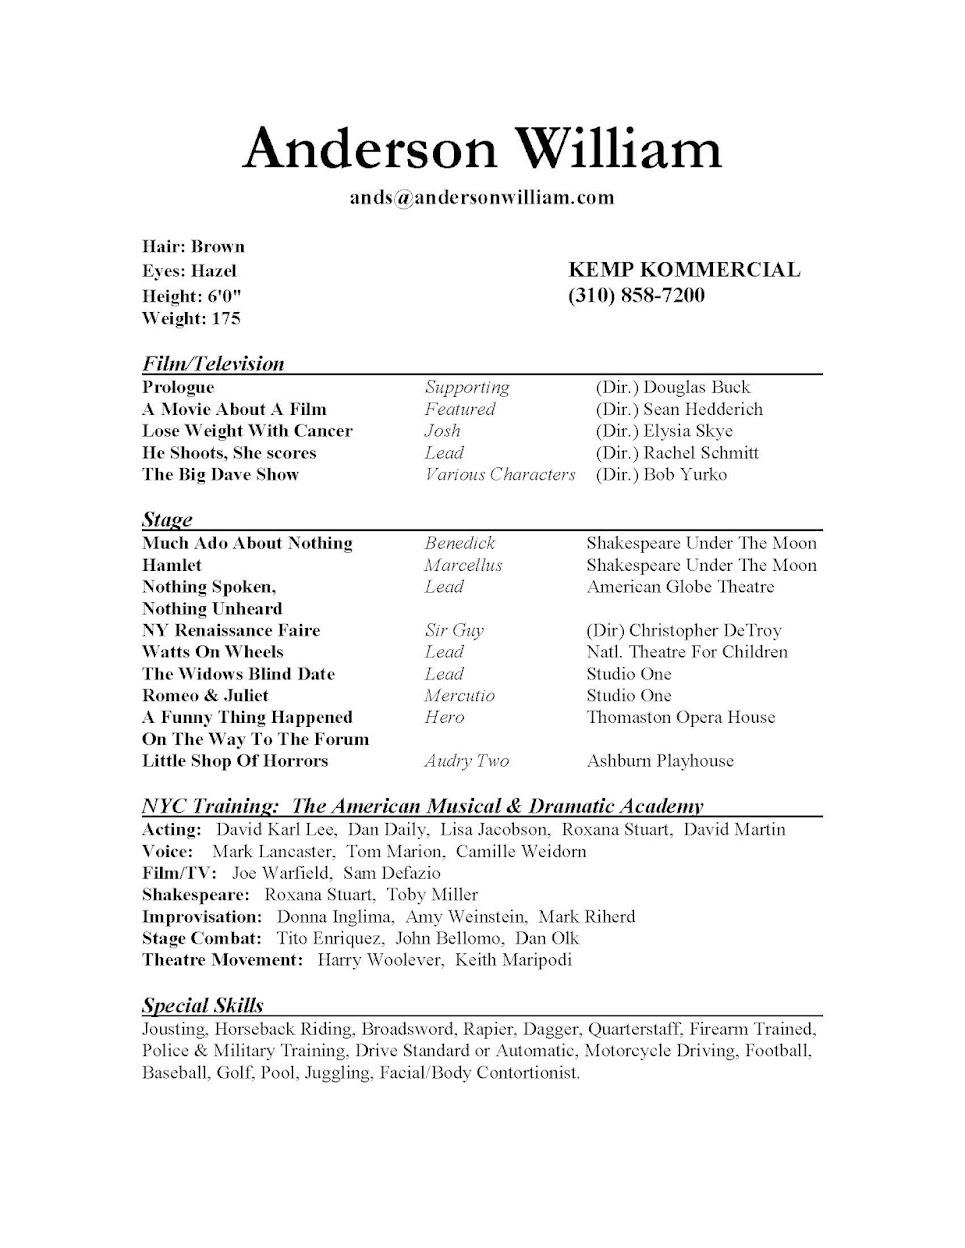 Careerbuilder resume help